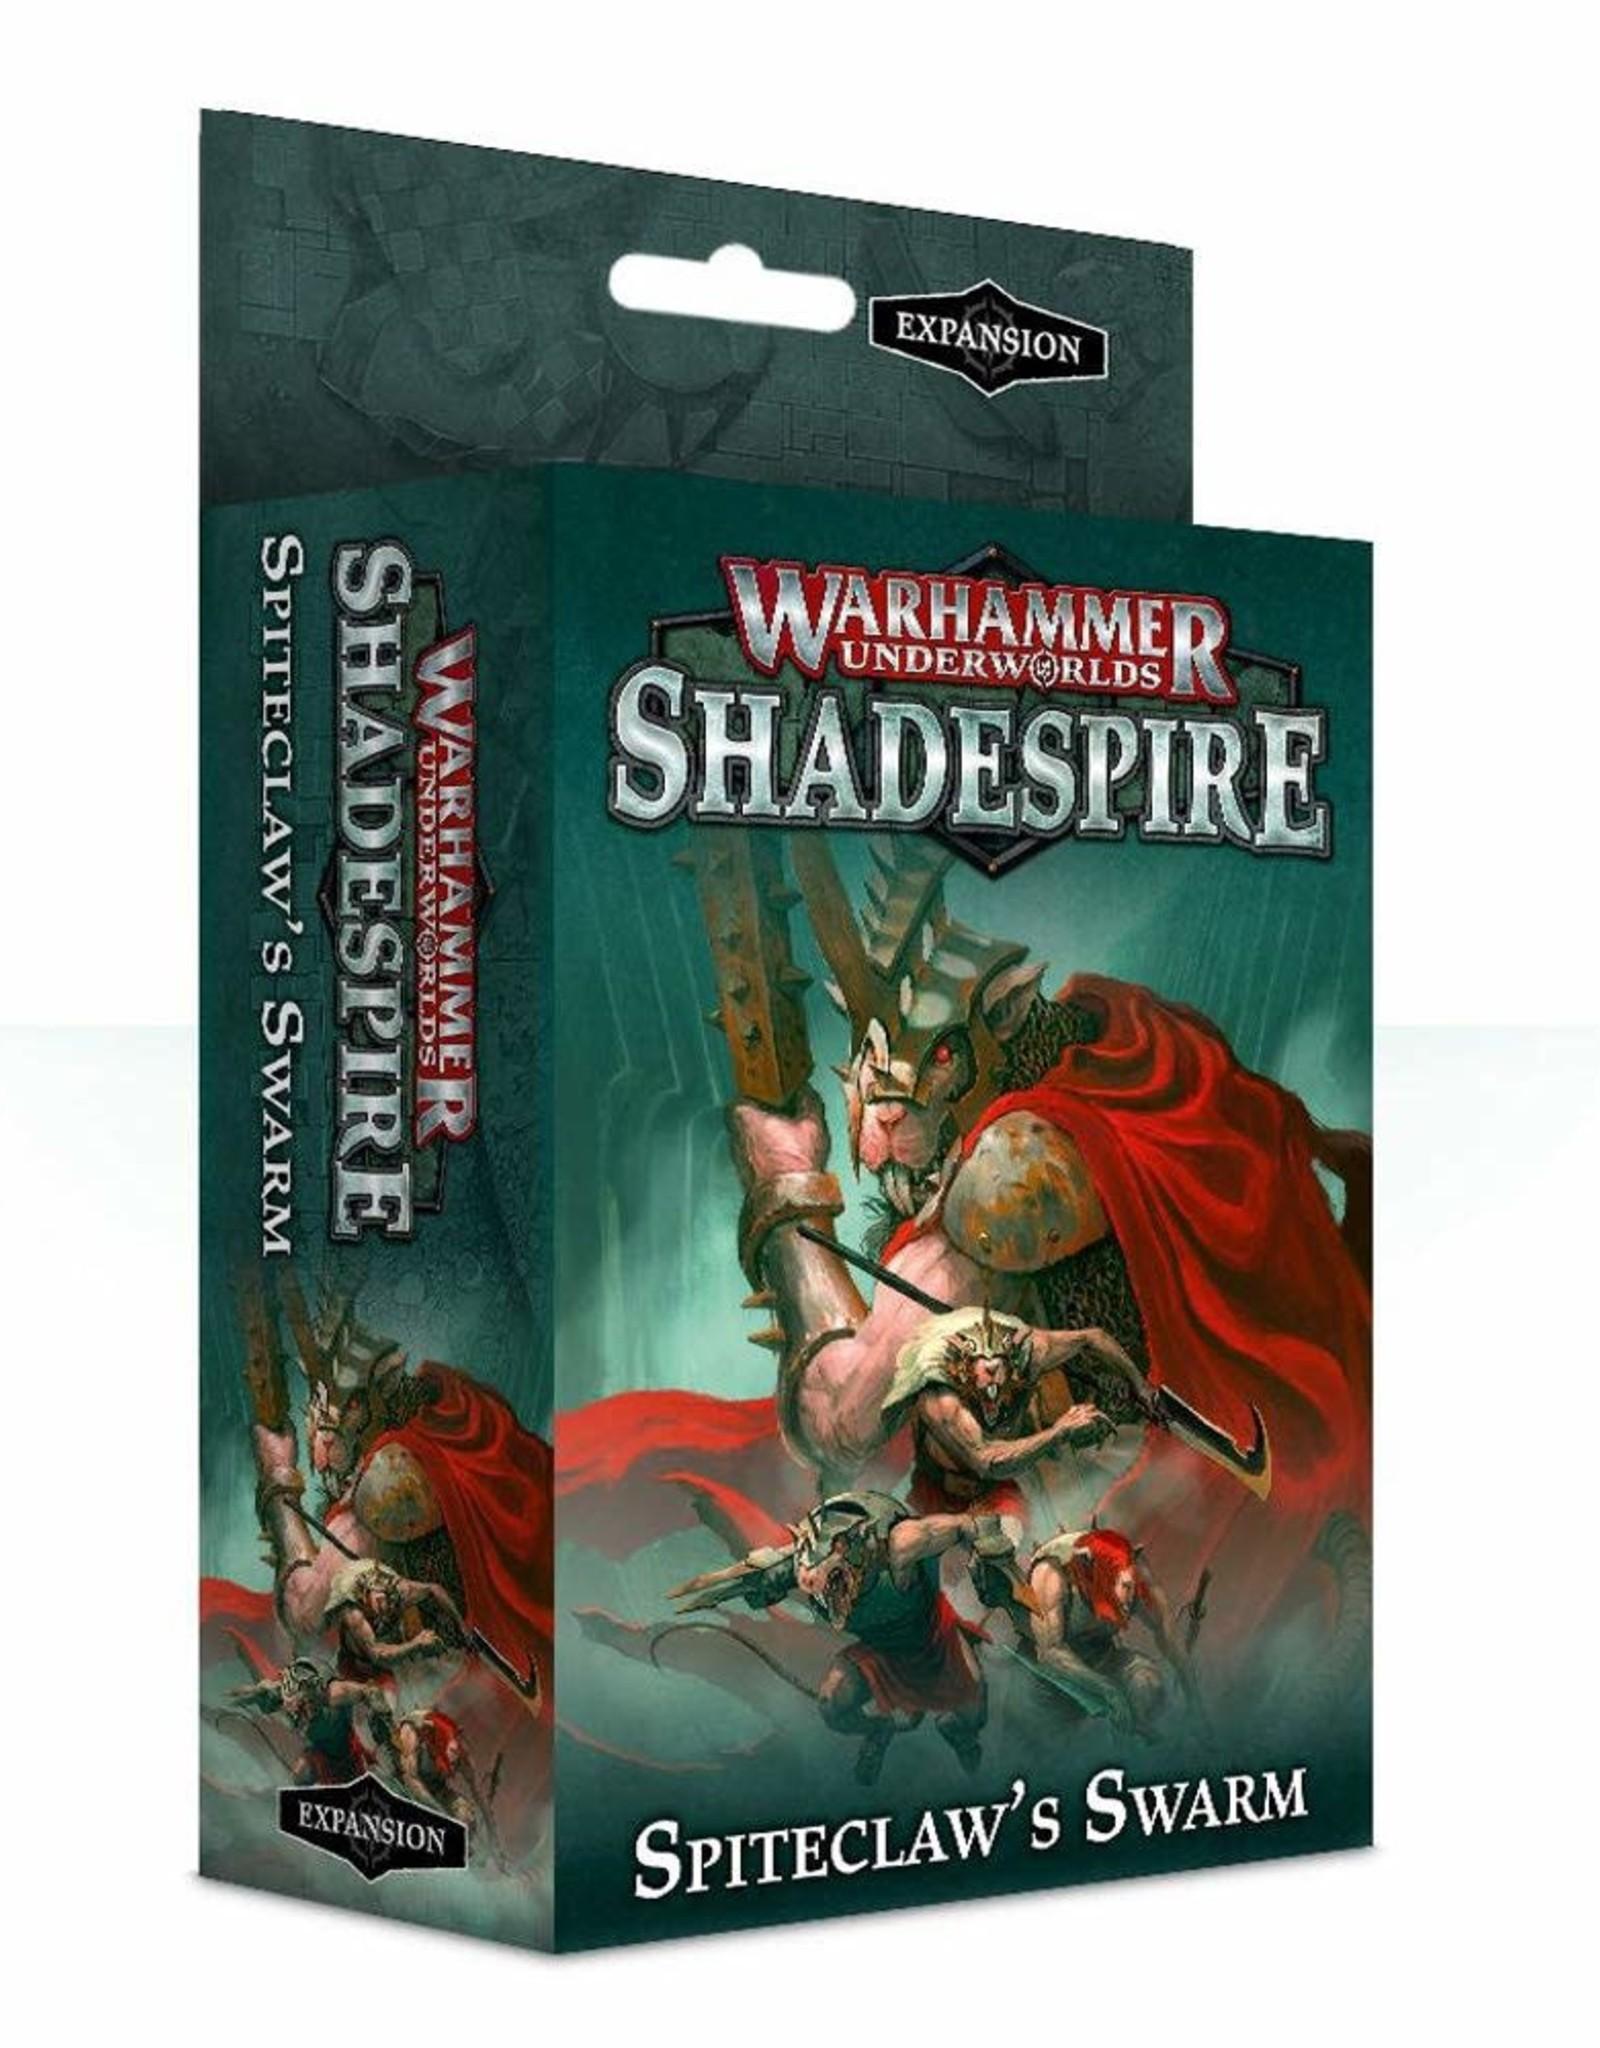 Warhammer Underworlds Warhammer Underworlds: Spiteclaw's Swarm